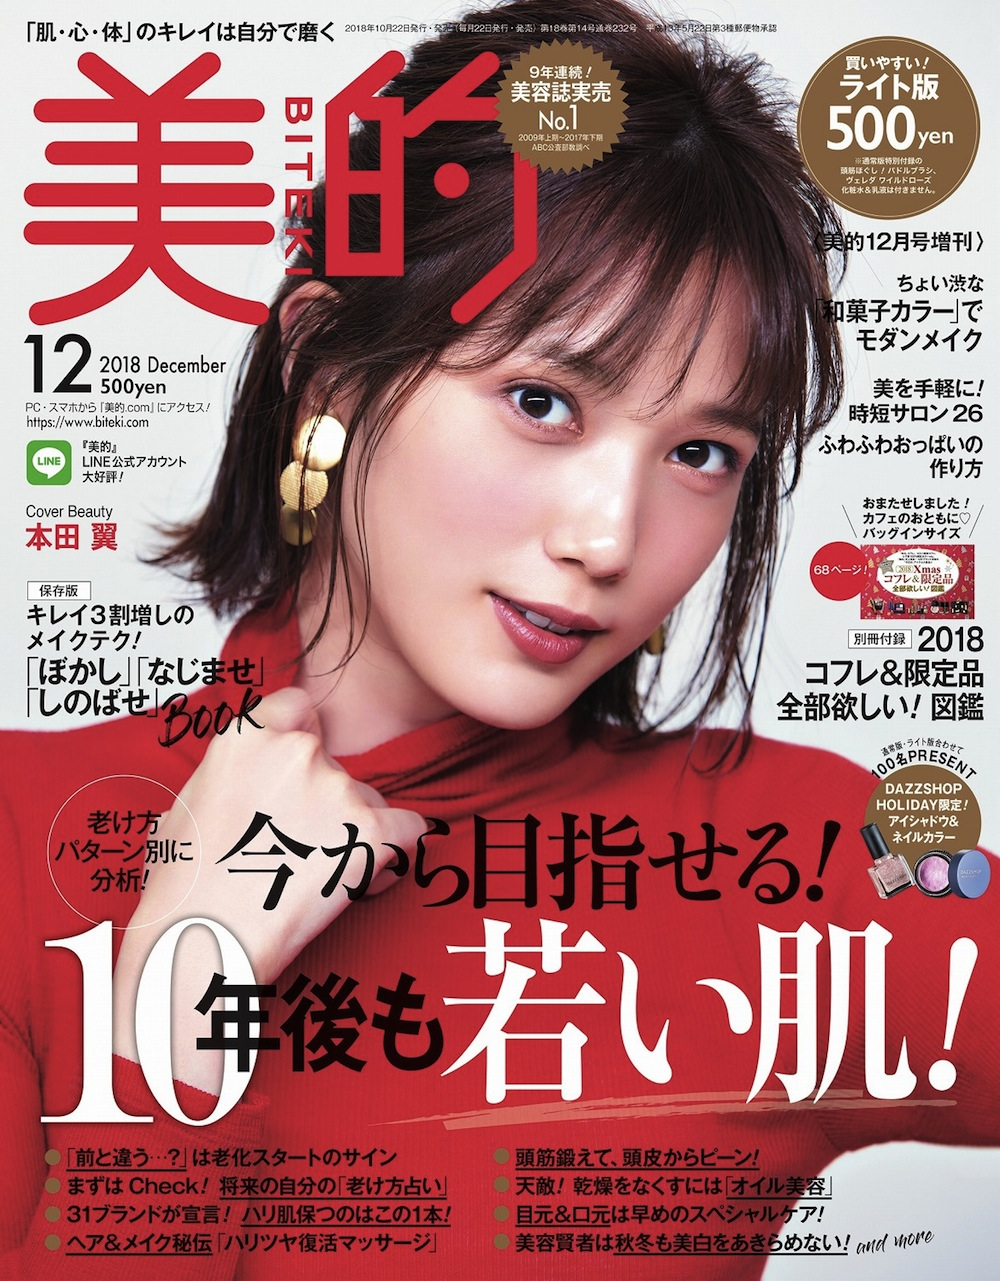 女優・本田翼が表紙を飾った美容誌『美的』12月号ライト版